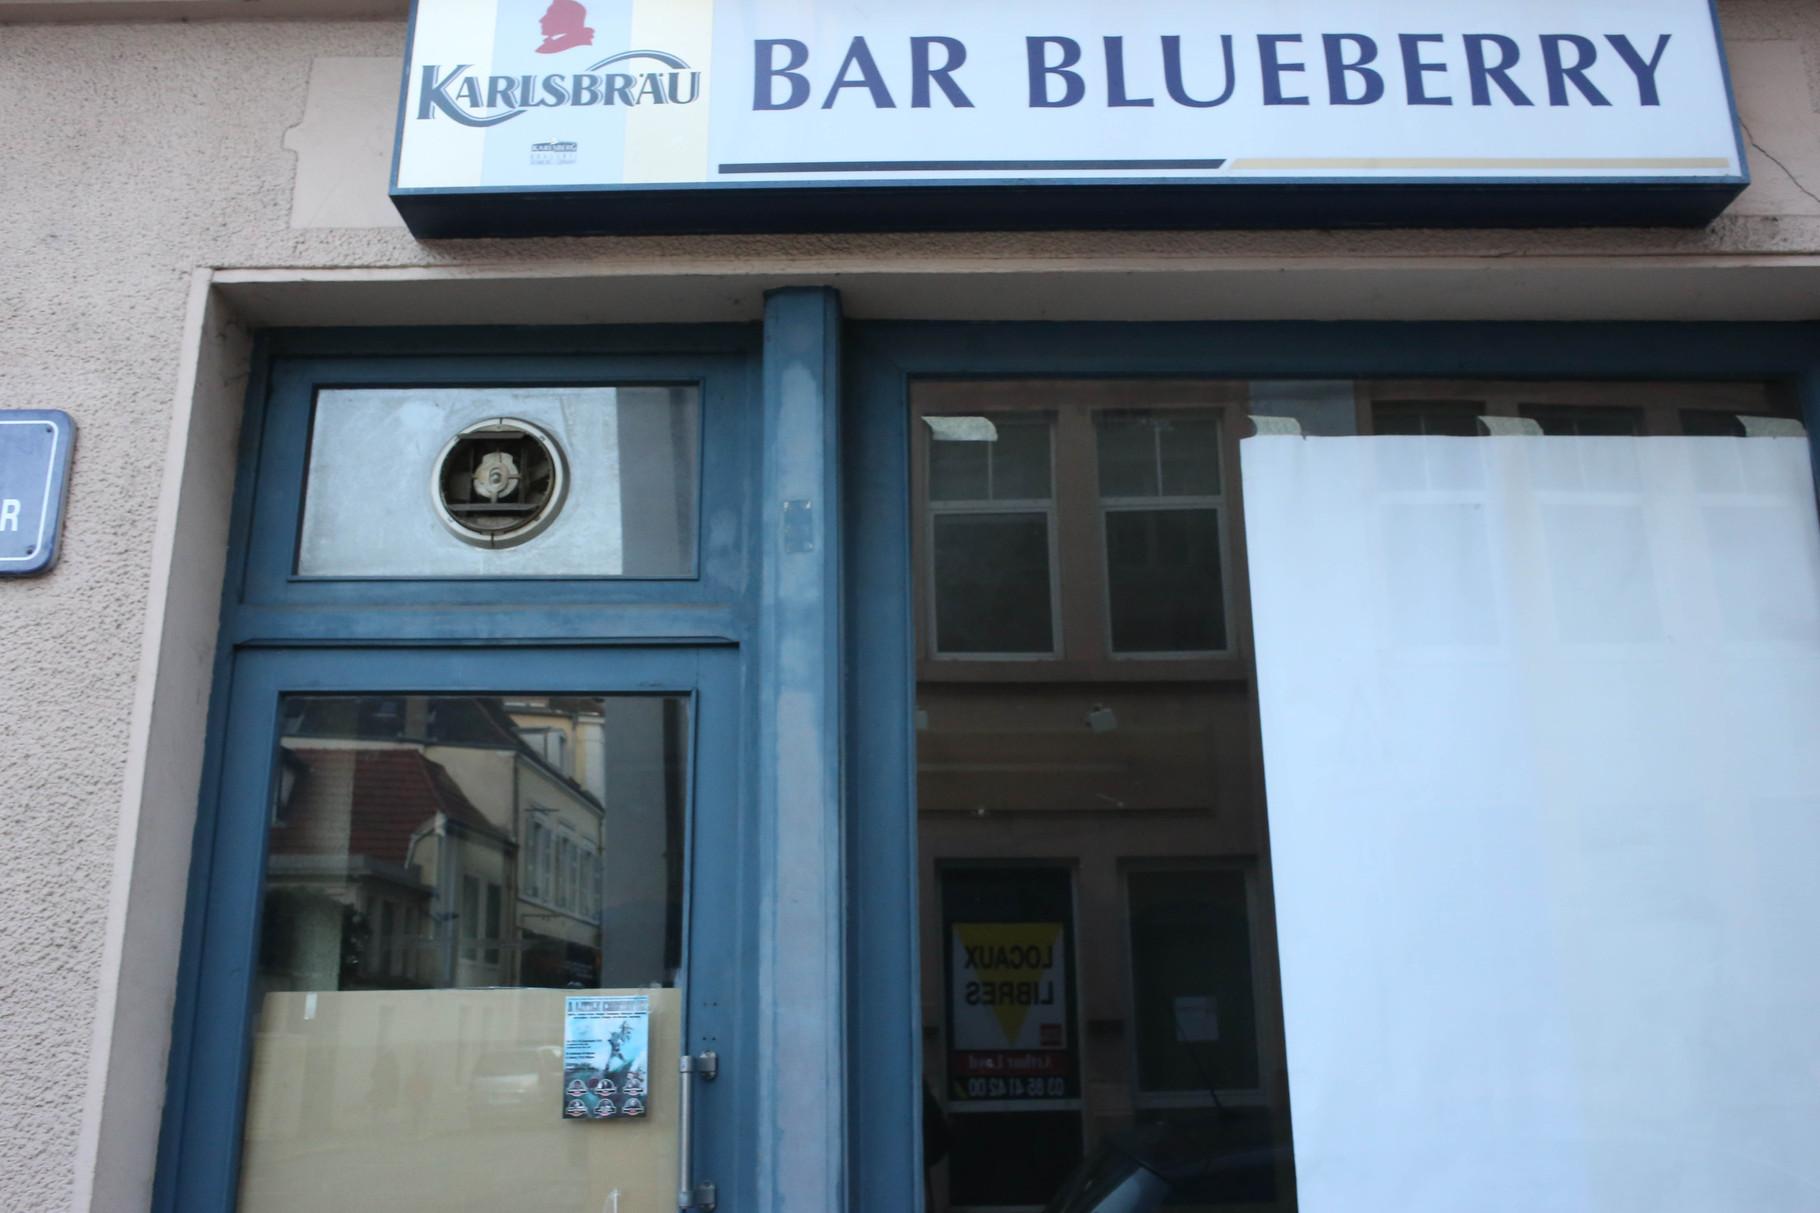 14 rue de Thiard - Bar Blue Berry enregistré au nom de Jean-Luc Desestret, N°Siret : 39956254500034